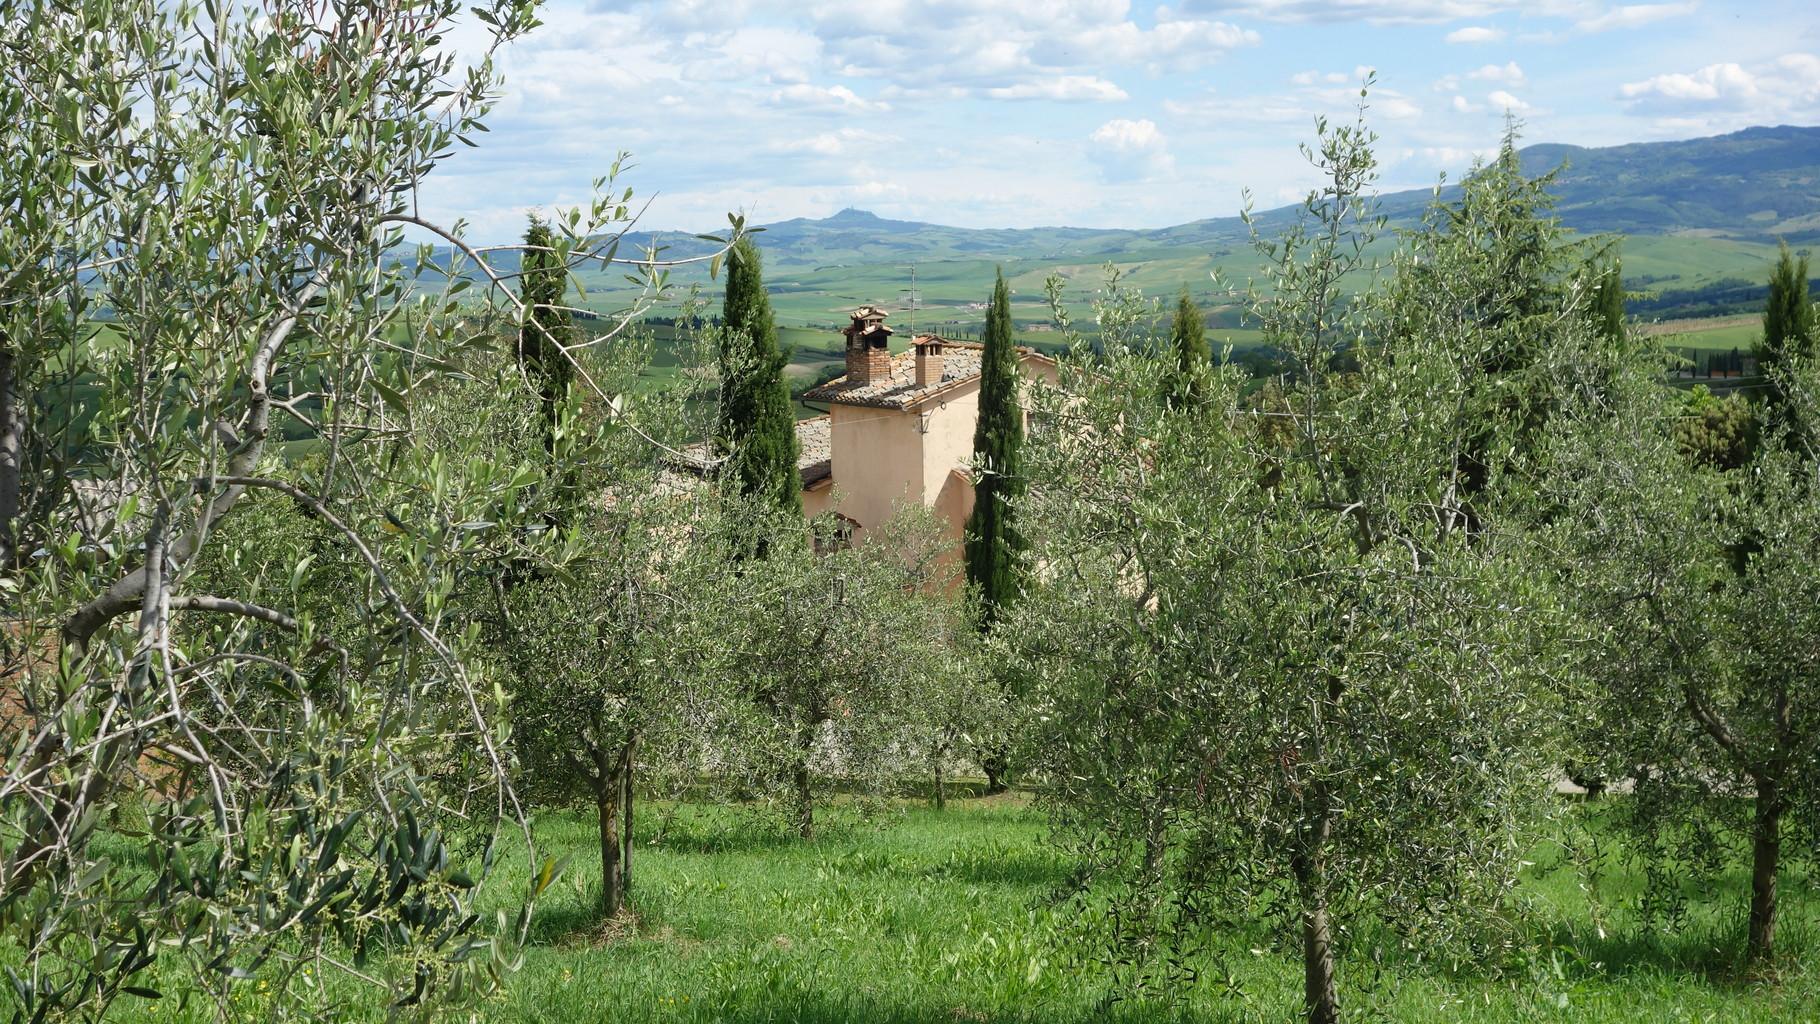 Toskana pur - alte Gemäuer, Zypressen und Olivenbäume